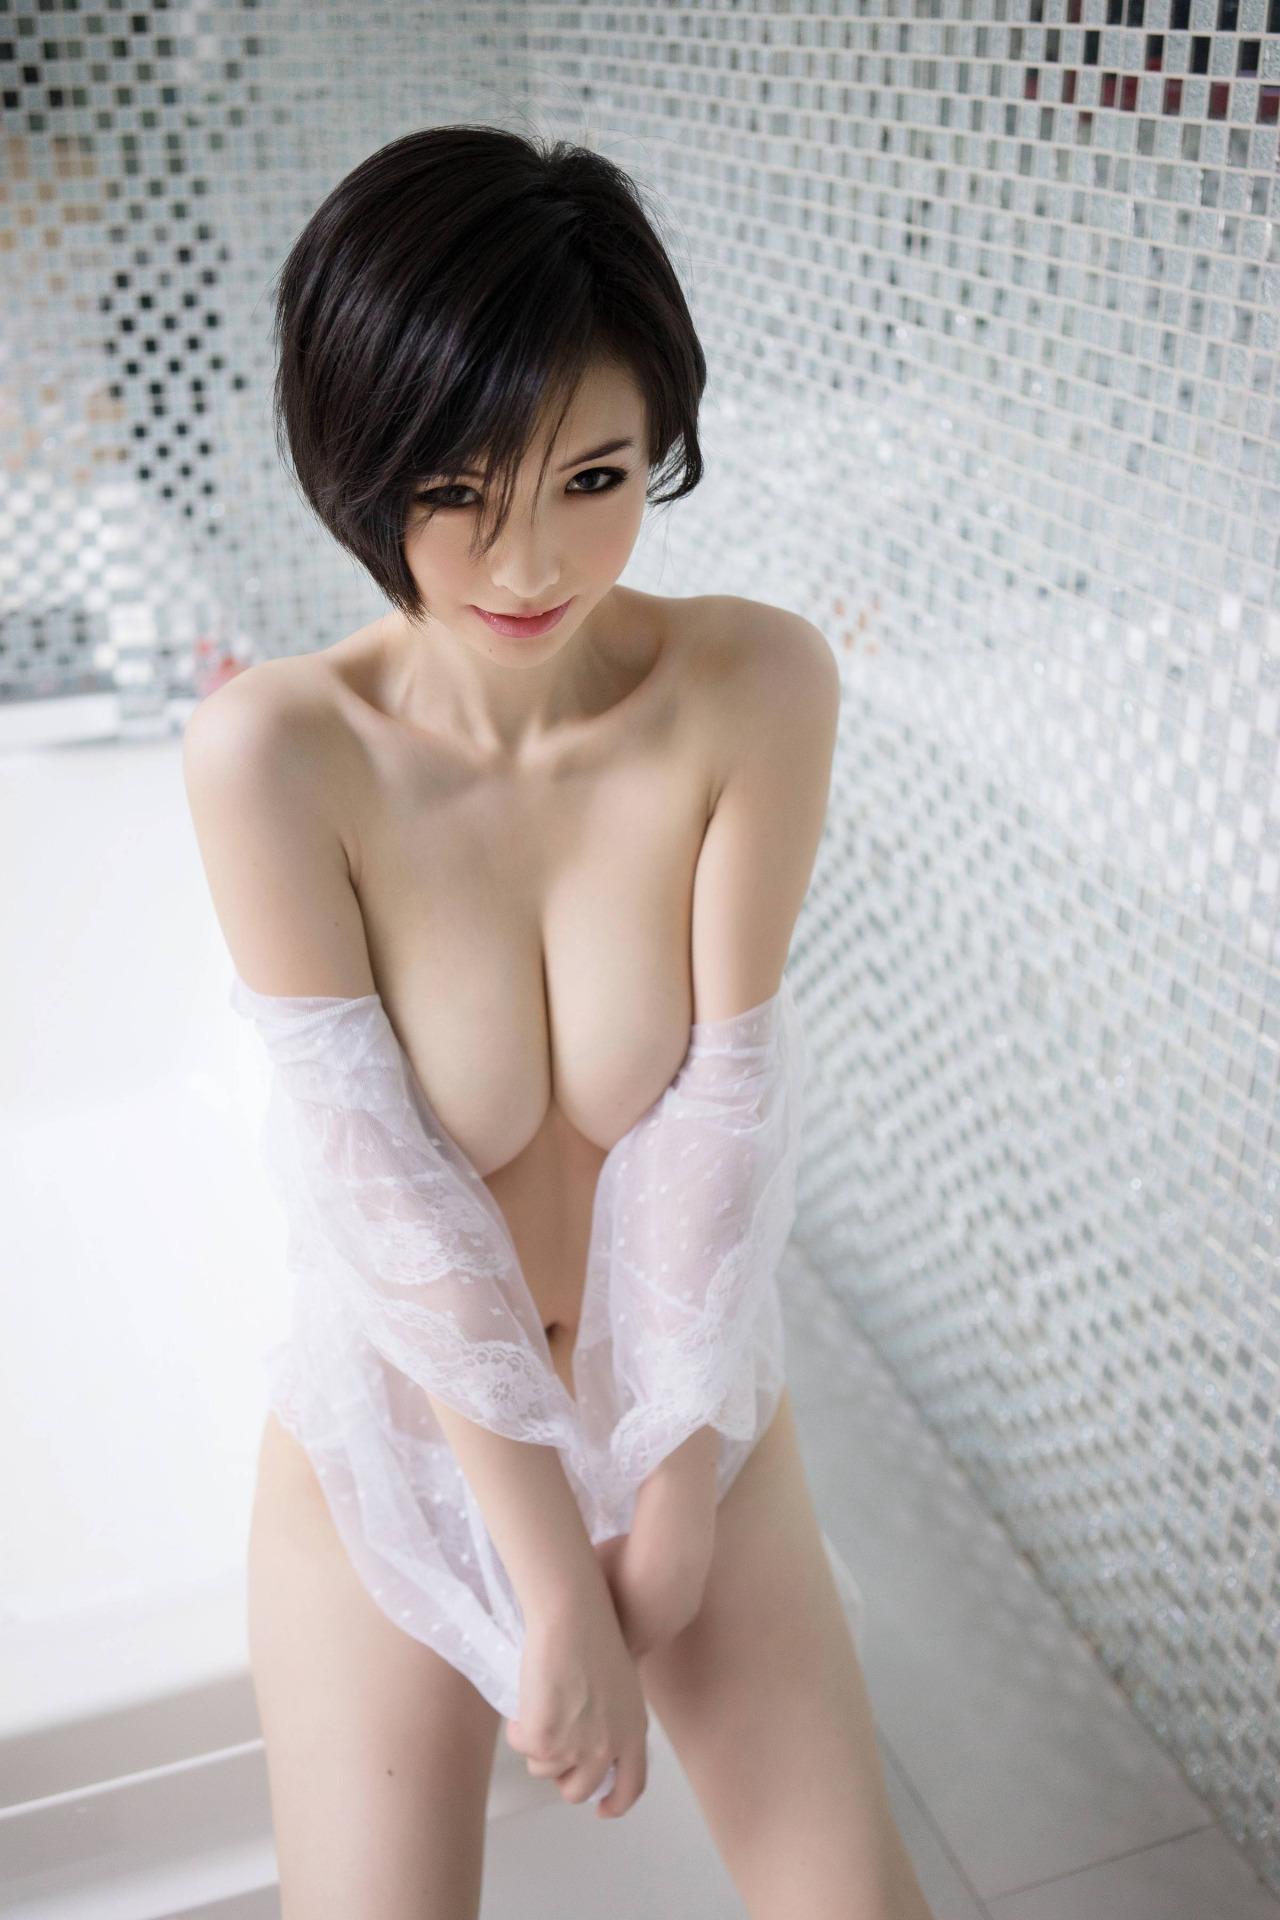 【短髪エロ画像】既に裸故にボーイッシュには全然見えないショートヘア女子www 02